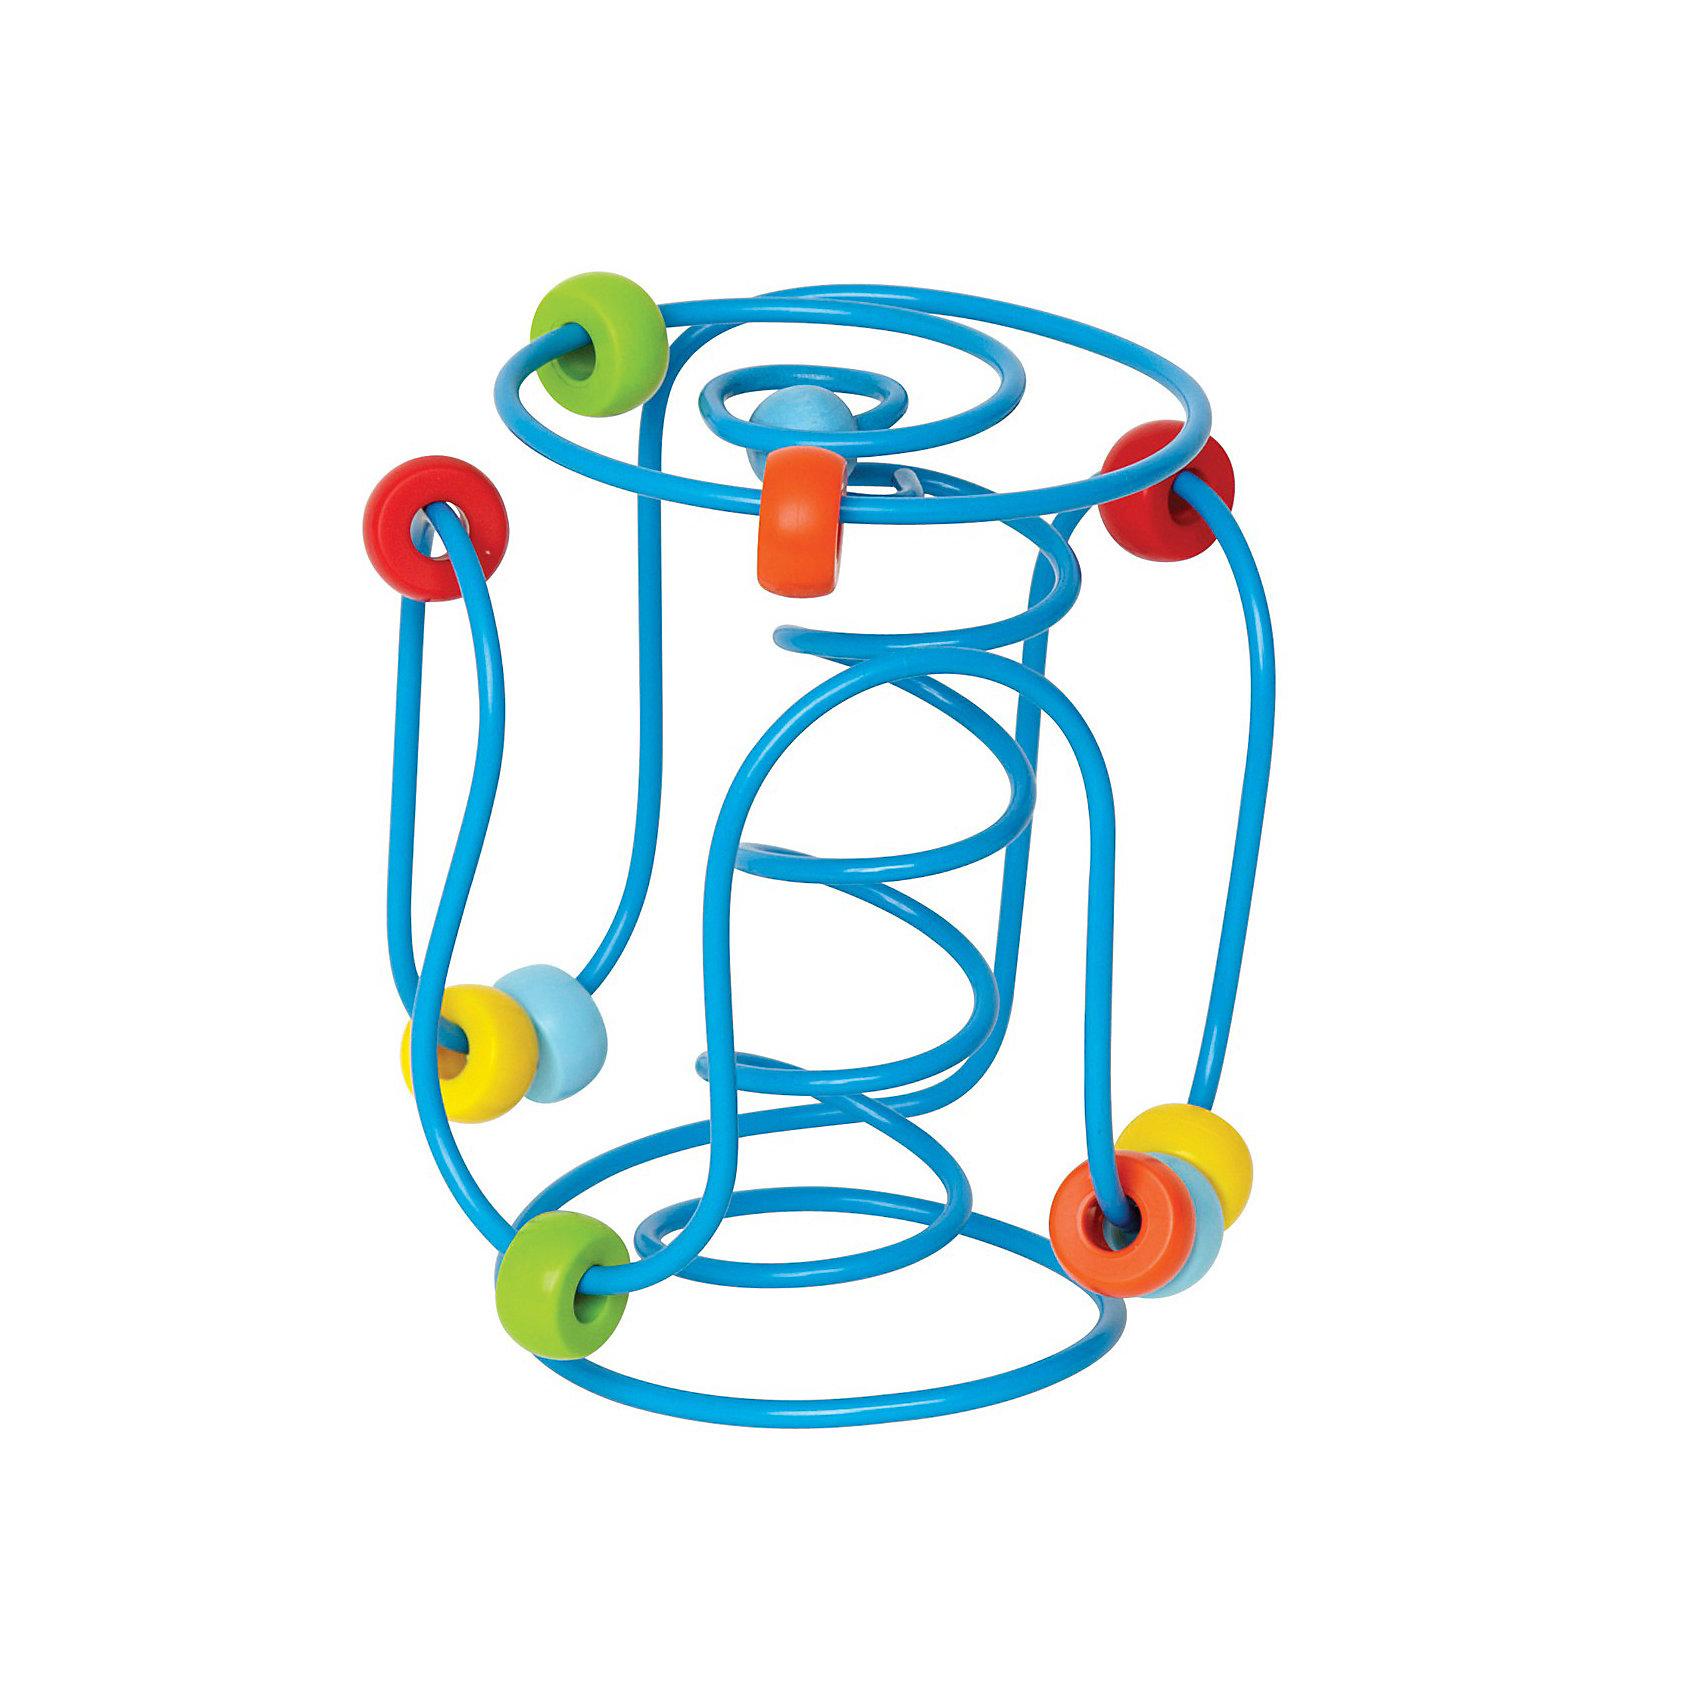 Развивающая игрушка-лабиринтПередвигая бусинки по лабиринту, малыш тренирует мелкую моторику, восприятие цветов, координацию пальчиков<br>Сортируя бусинки по цвету, ребенок сможет развить логическое и пространственное мышление<br>Бусинки крепко держатся на проволоке, острые углы у лабиринта отсутствуют, что помогает избежать травмы<br>Игрушку удобно брать в дорогу или путешествие, она надолго займет малыша<br>От 6 месяцев<br>Награды: <br>Parents choice (США)<br>USA Today (США) – лучшая игрушка в путешествие<br>NAPPA (Канадская ассоциация детского ритейла)<br><br>Ширина мм: 185<br>Глубина мм: 121<br>Высота мм: 119<br>Вес г: 295<br>Возраст от месяцев: 6<br>Возраст до месяцев: 24<br>Пол: Унисекс<br>Возраст: Детский<br>SKU: 2503727